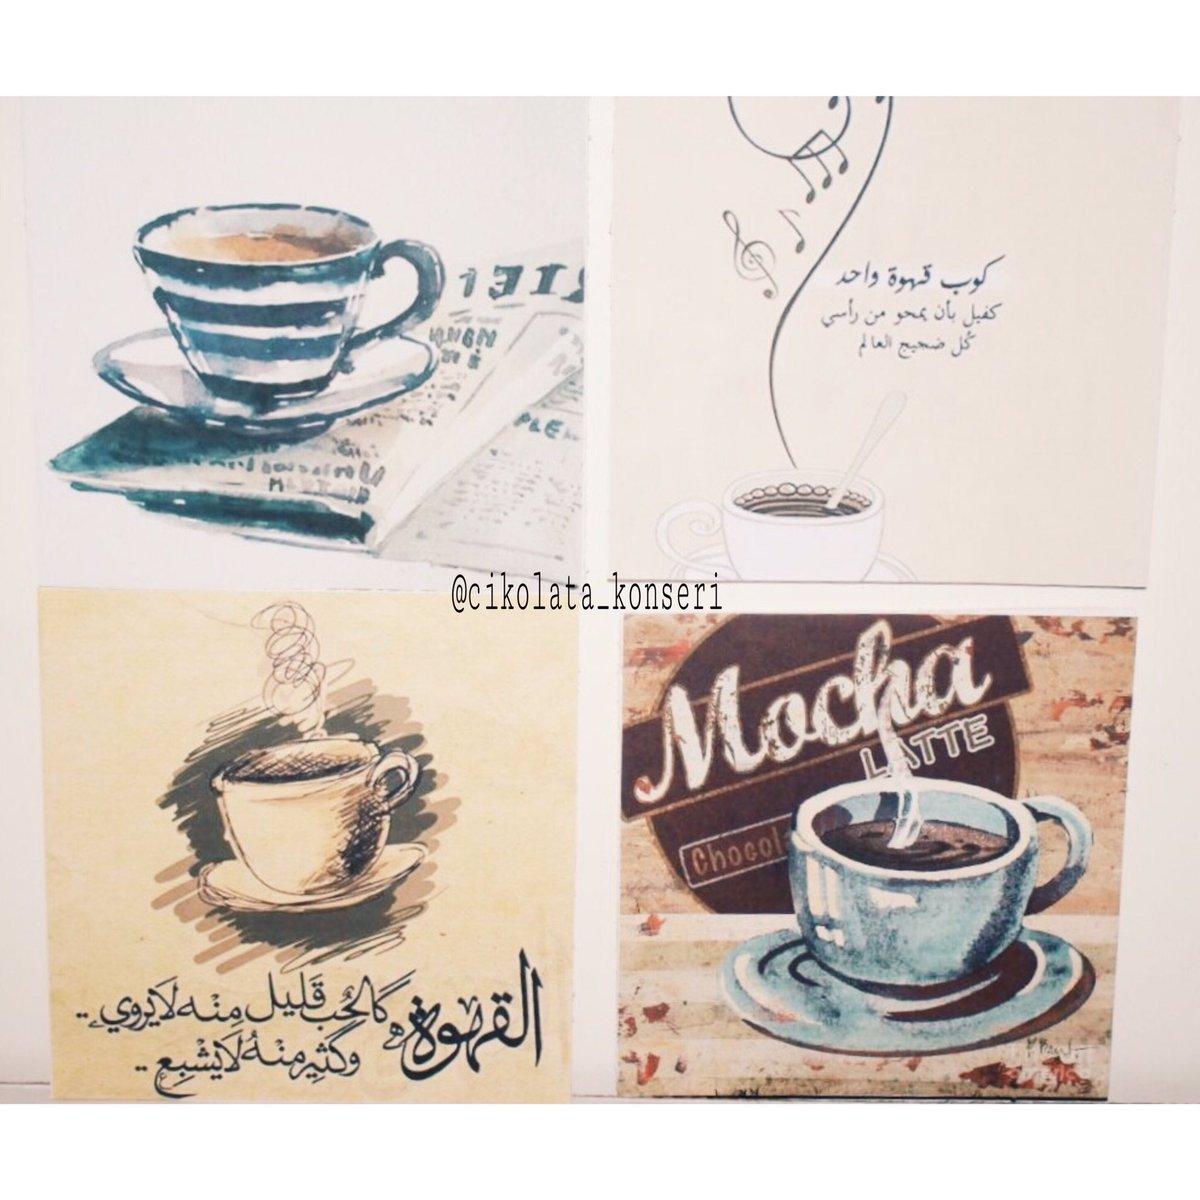 حفلةة الشوكولاتة Pa Twitter لوحات مميزة تصاميم طباعة لوحات فلين الرياض دعم المملكة العربية السعودية قهوة قهوه